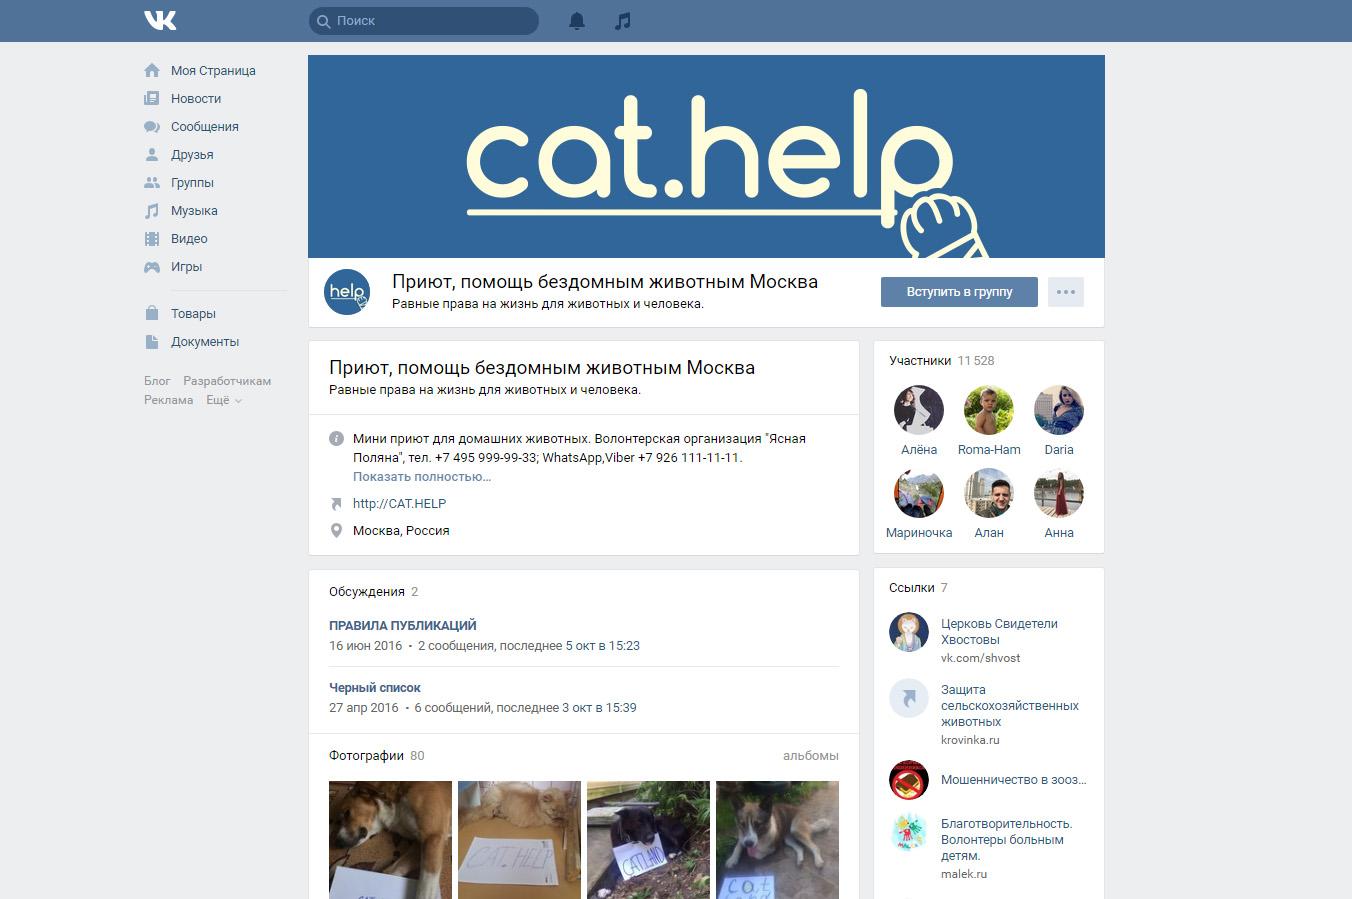 логотип для сайта и группы вк - cat.help фото f_97559db9685bca33.jpg